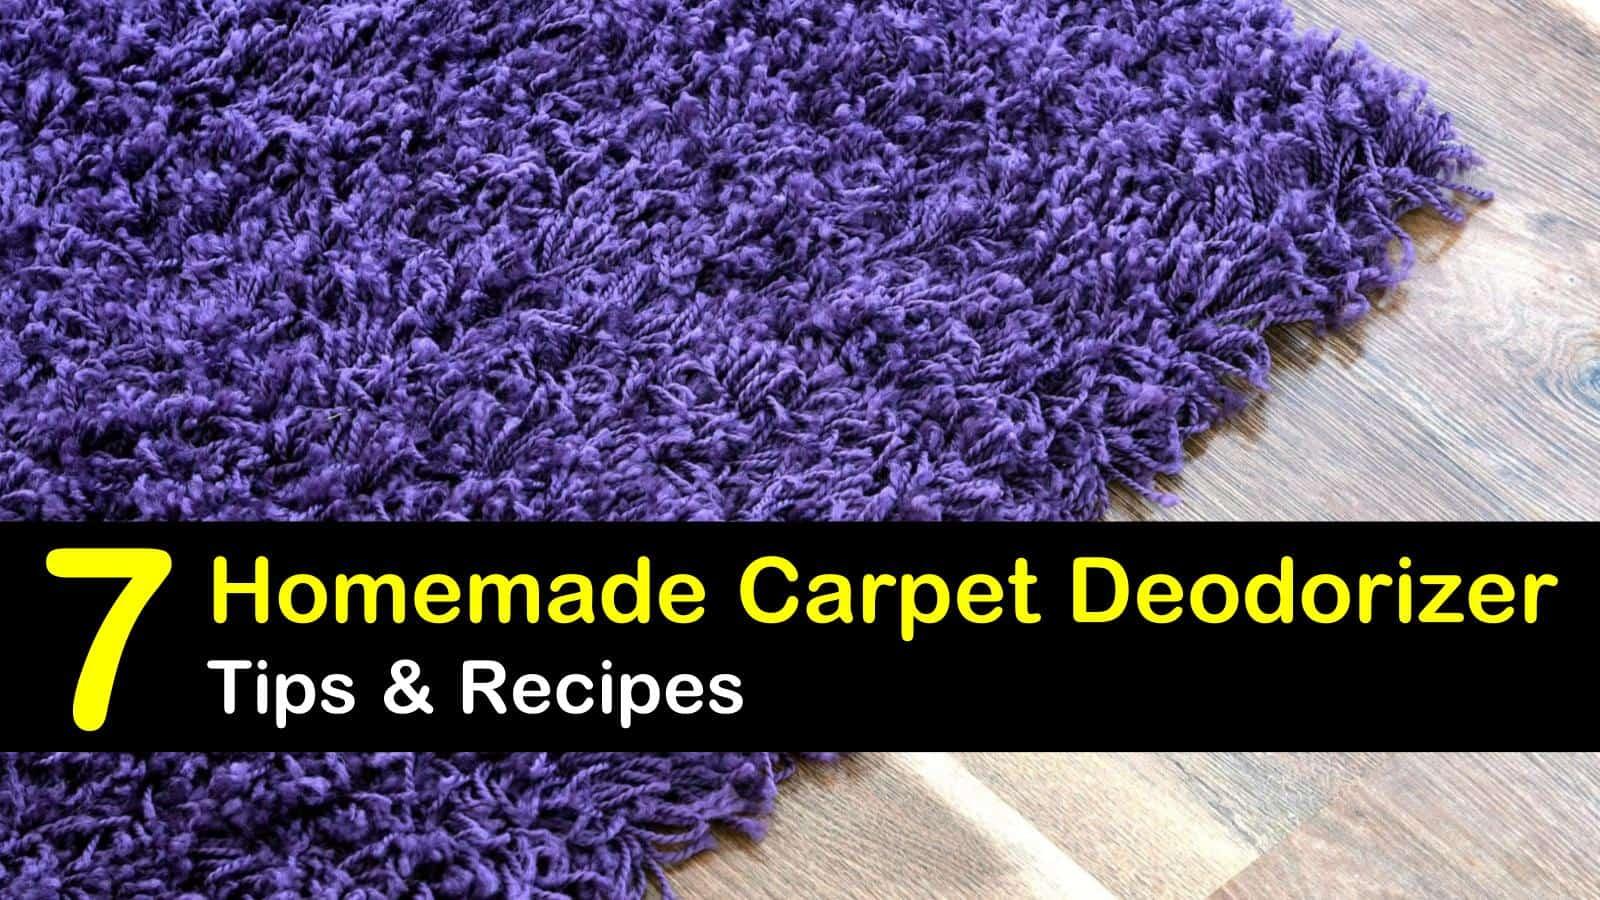 homemade carpet deodorizer titleimg1